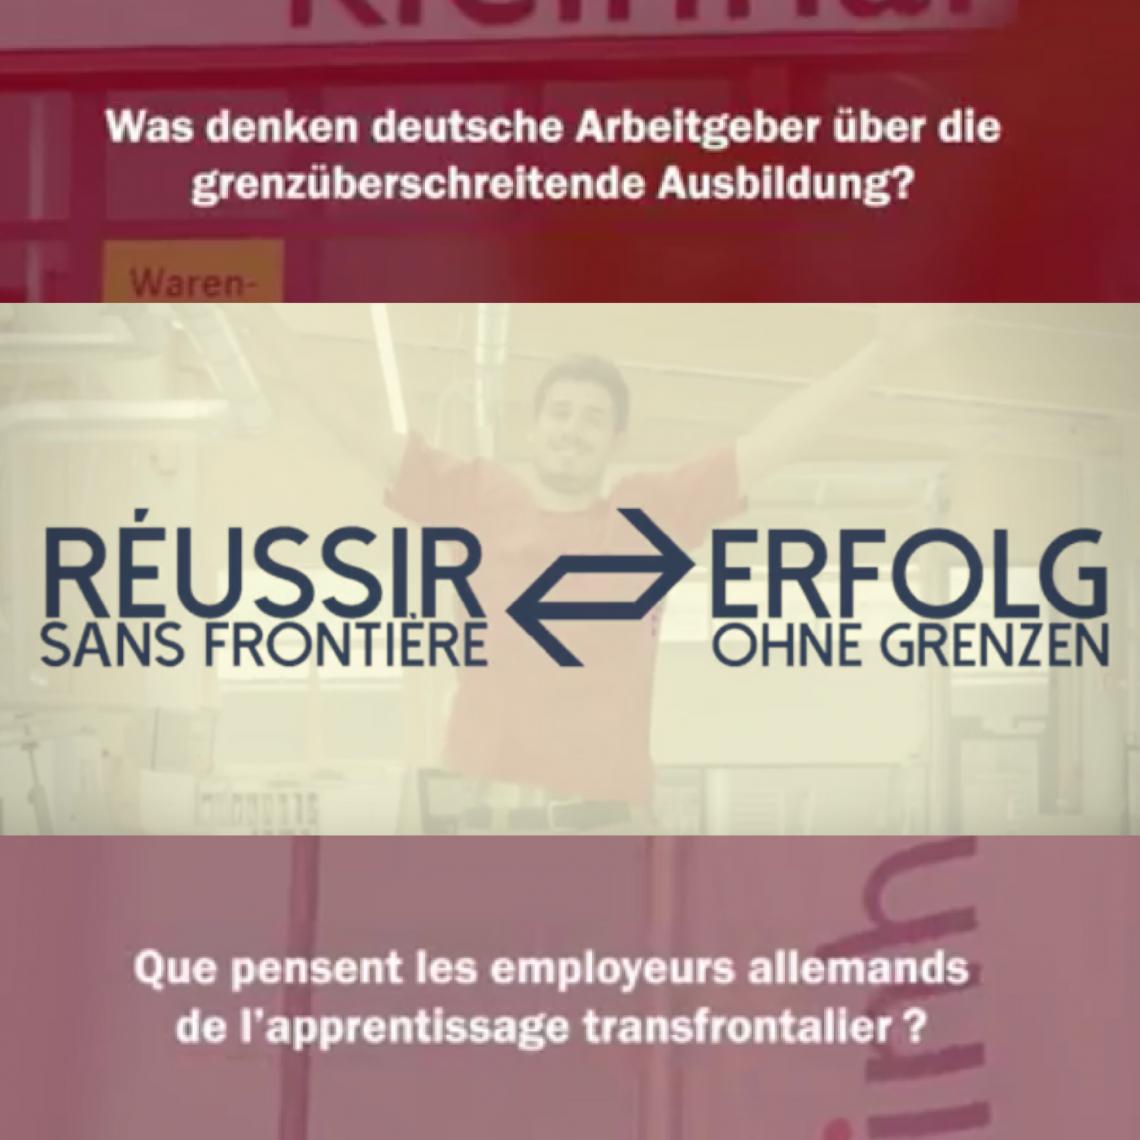 Que pensent les employeurs allemands de l'apprentissage transfrontalier ?